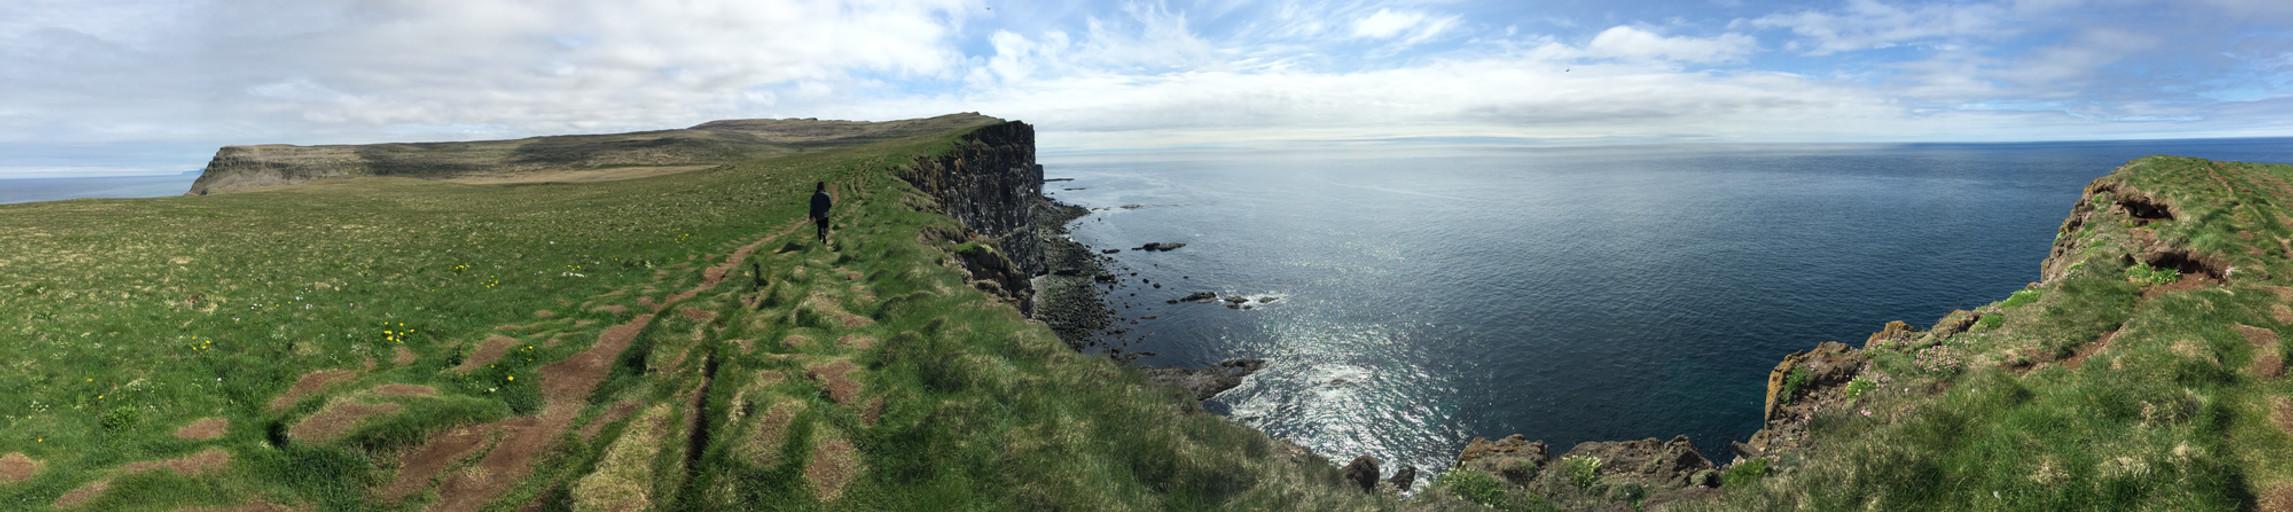 Snaefellsnes Cliffs.JPG